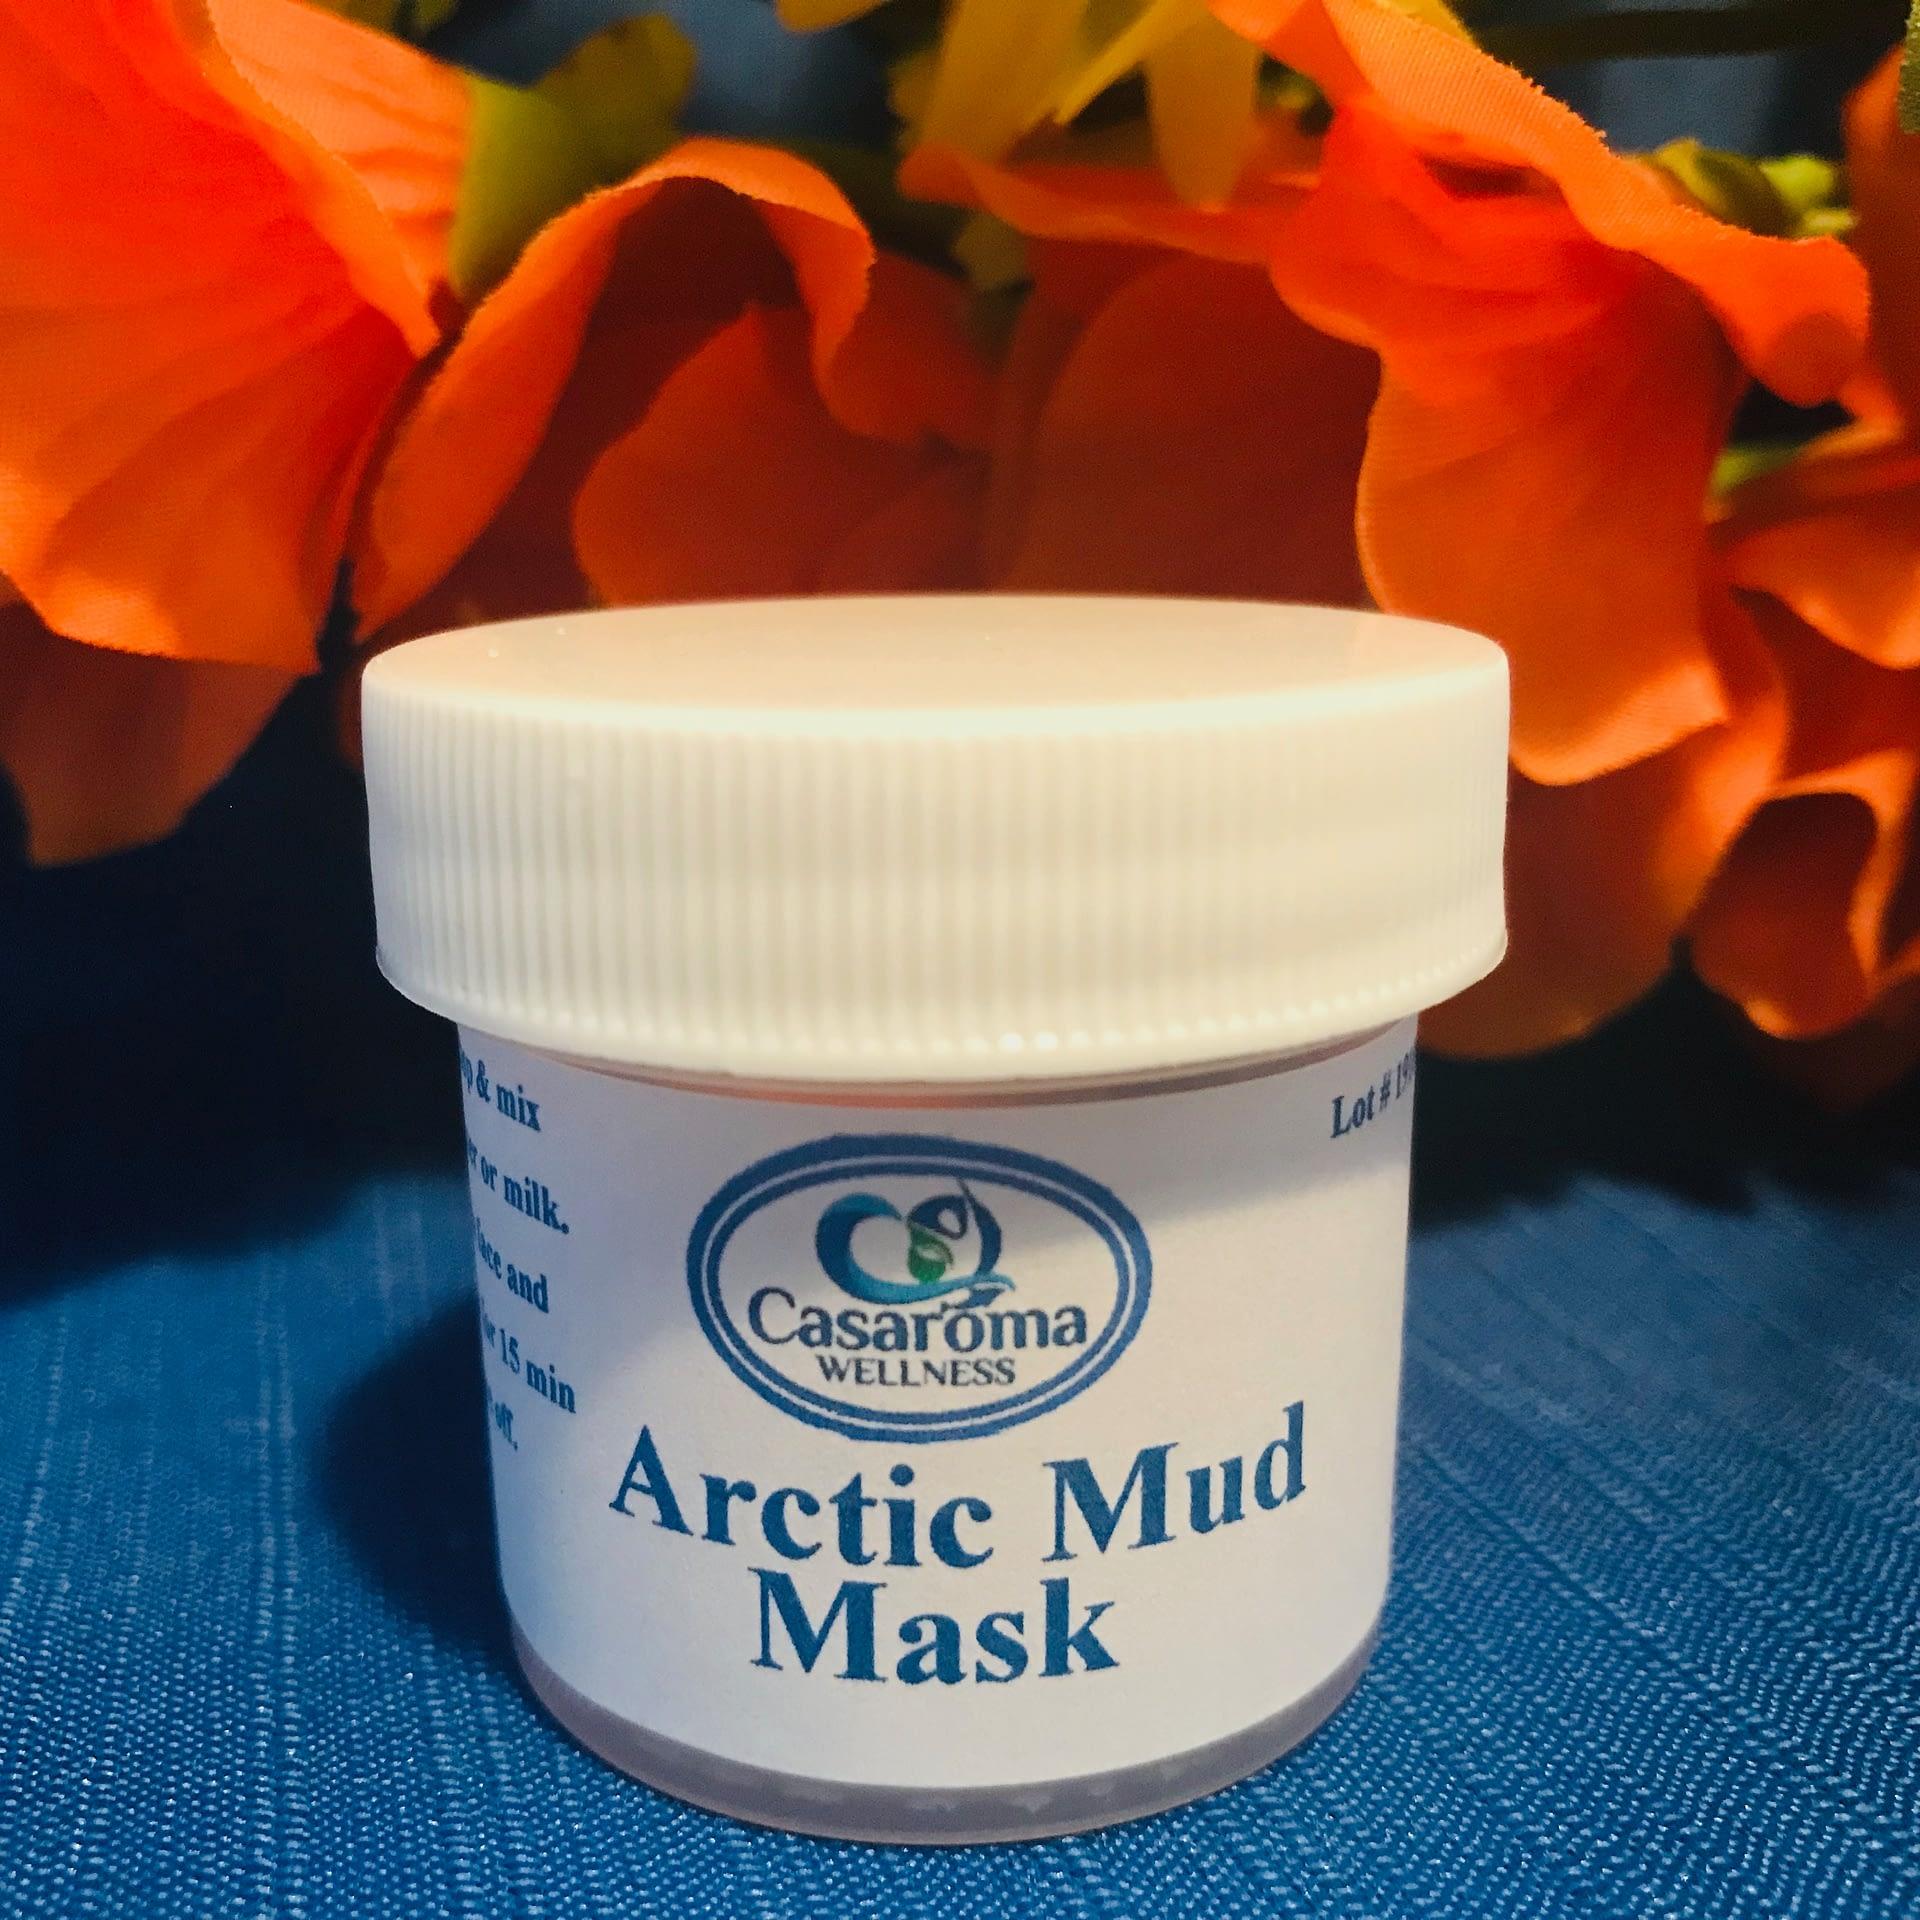 Arctic Mud